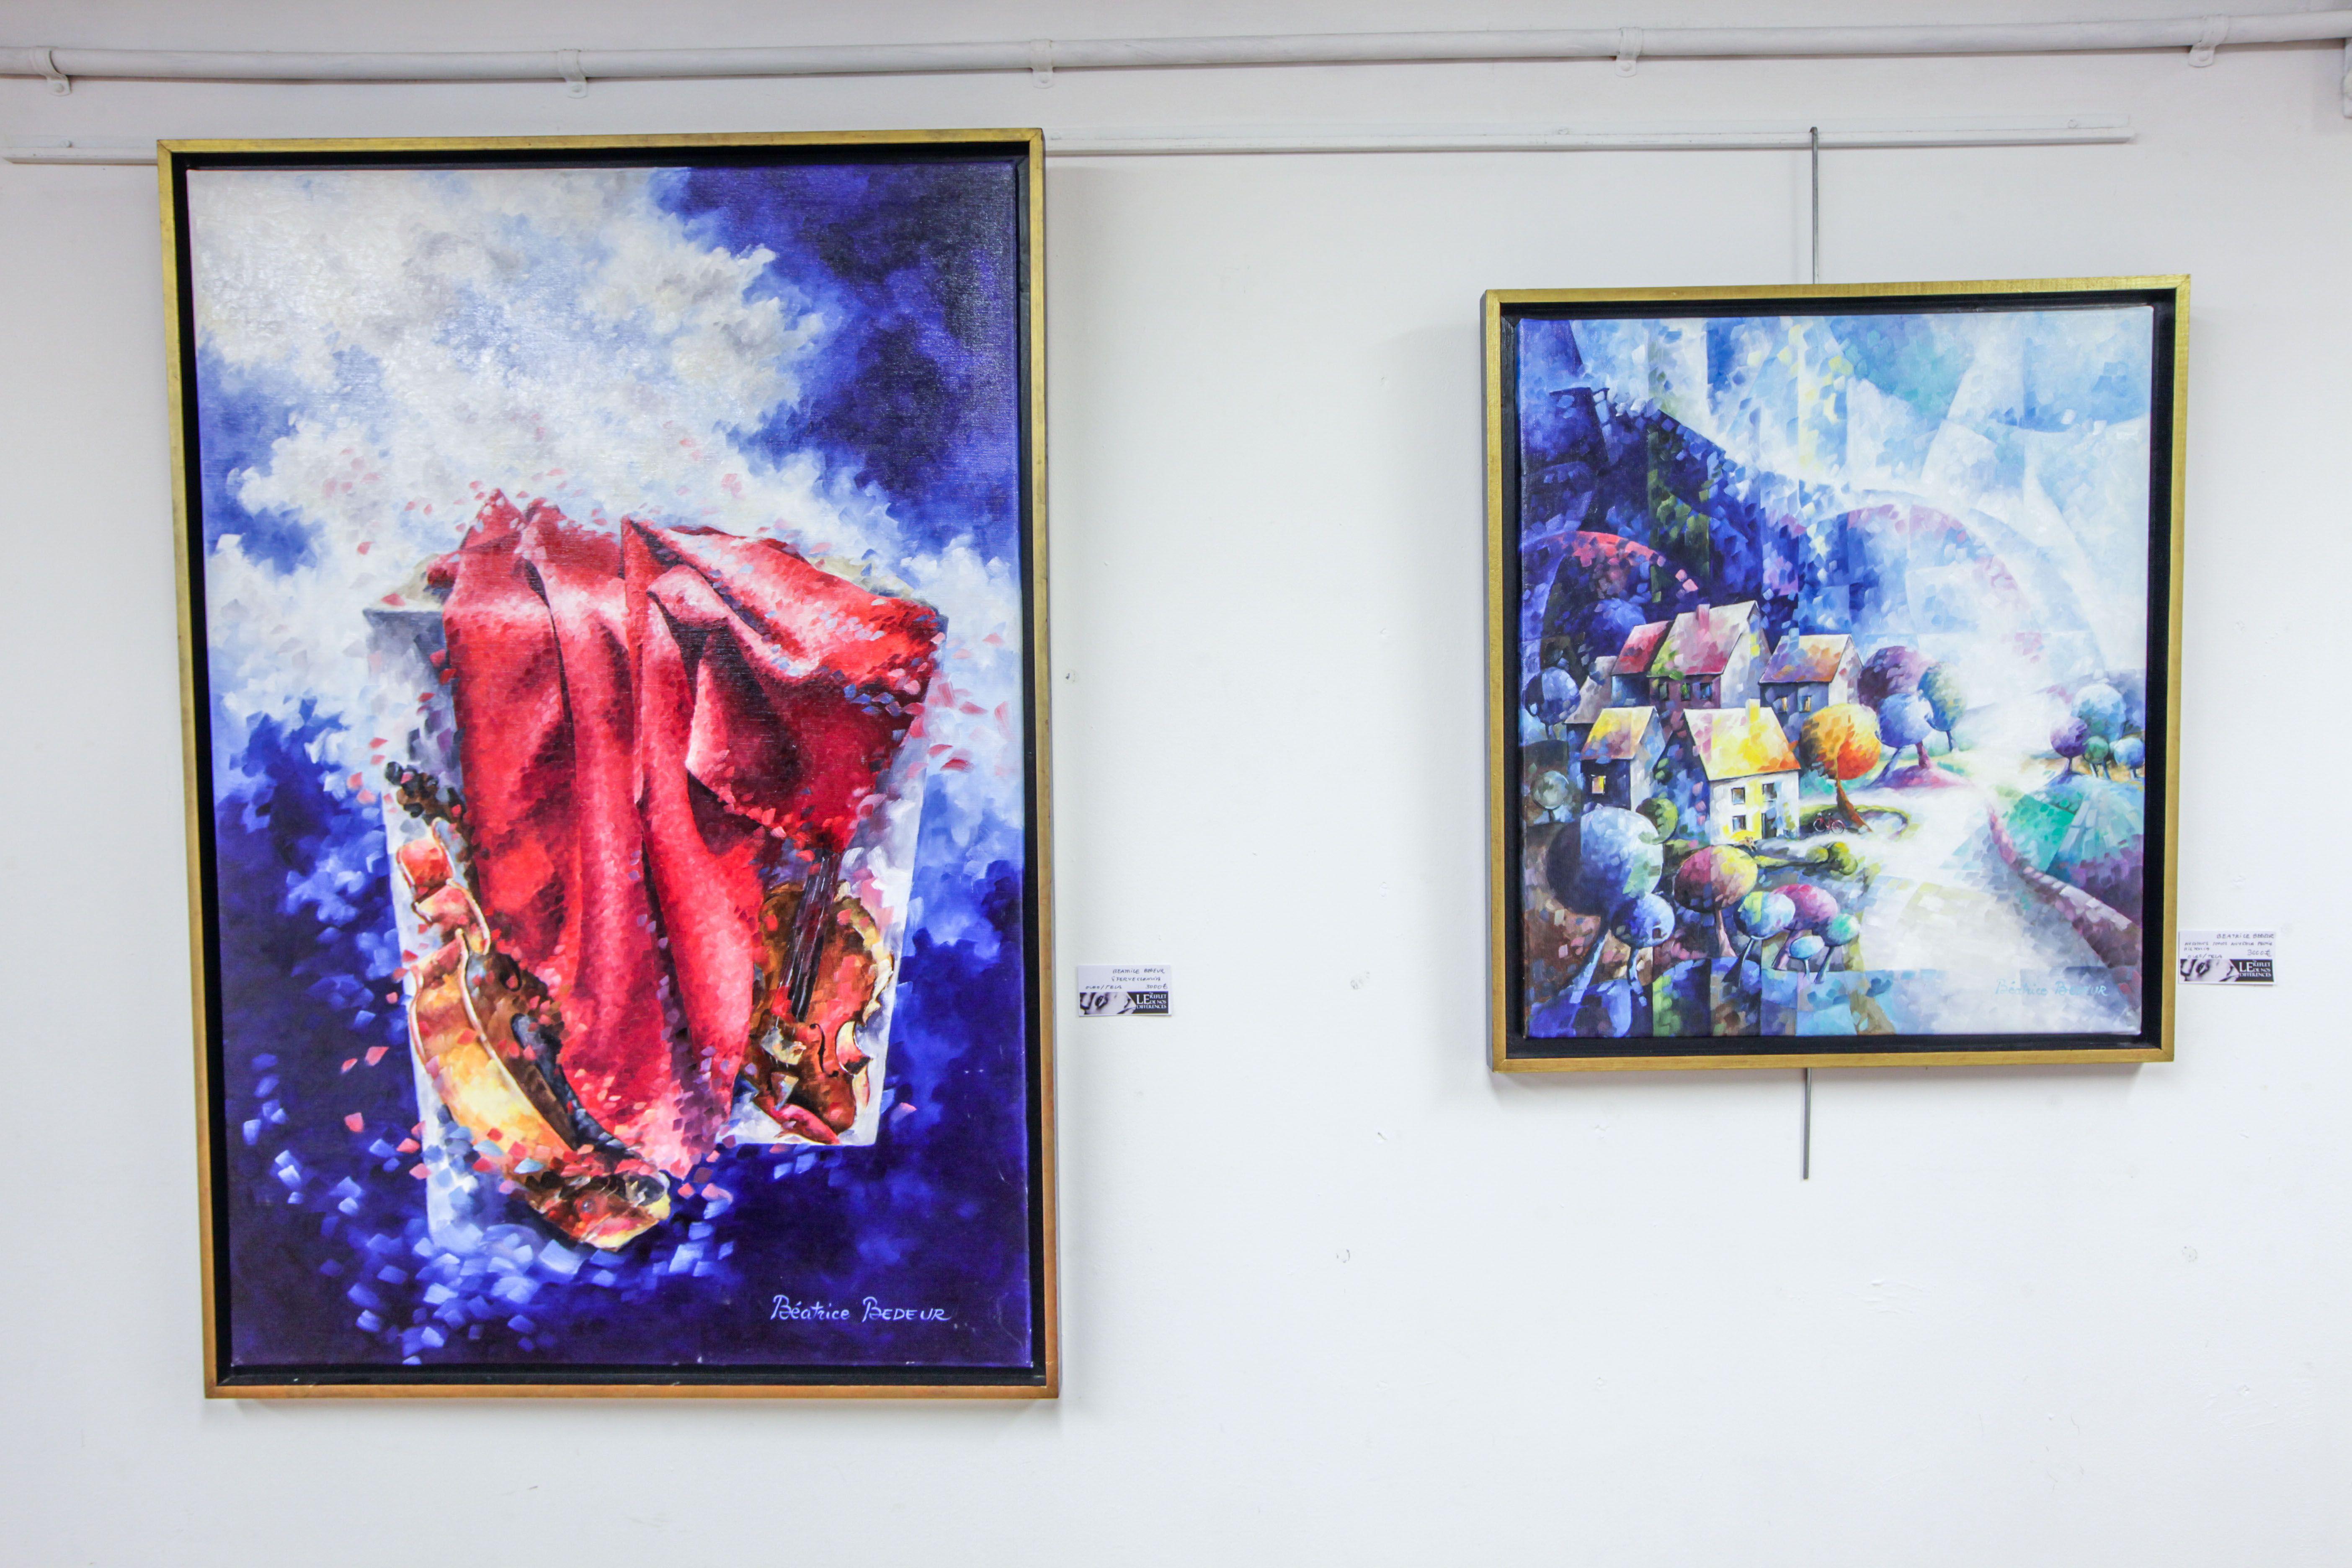 Foto 9 de Galerías de arte y salas de exposiciones en Barcelona | BCM Art Gallery